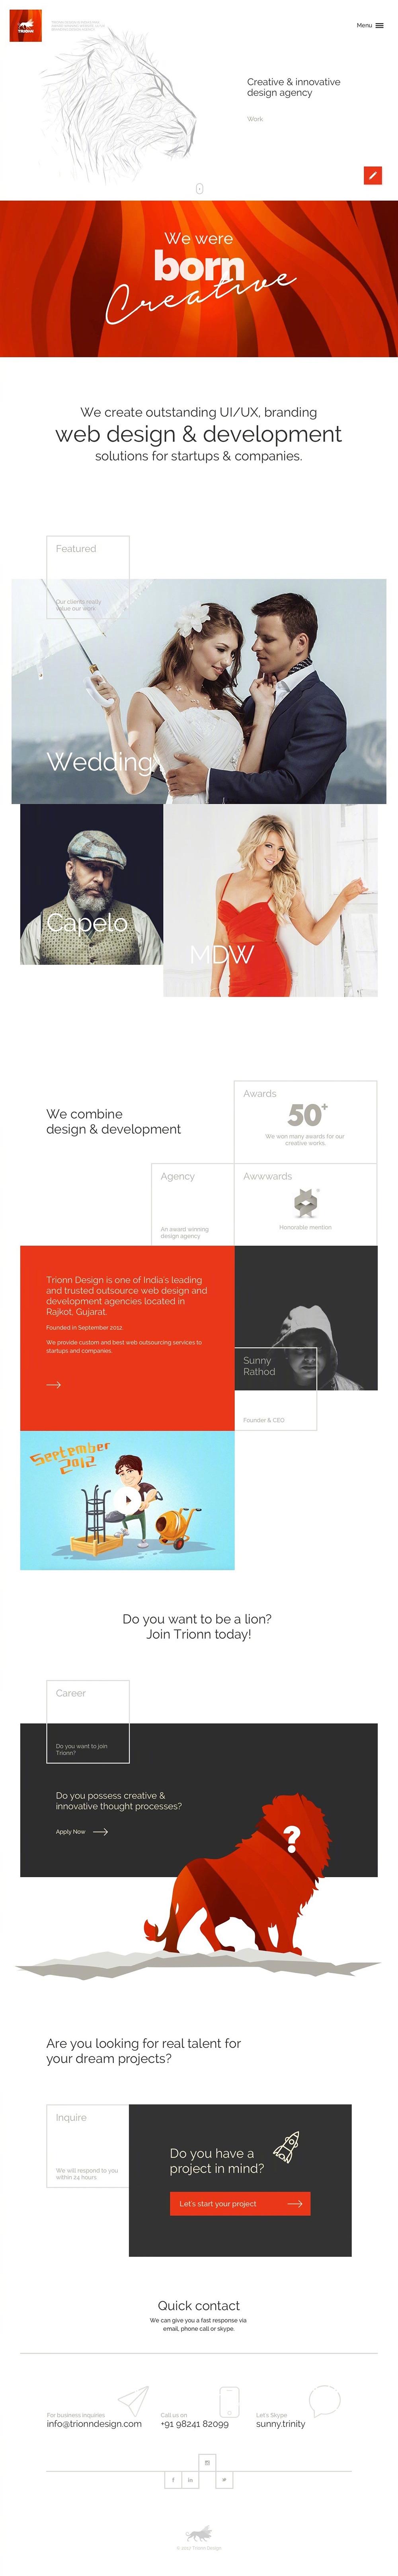 9个排版超赞的工作室网站分享